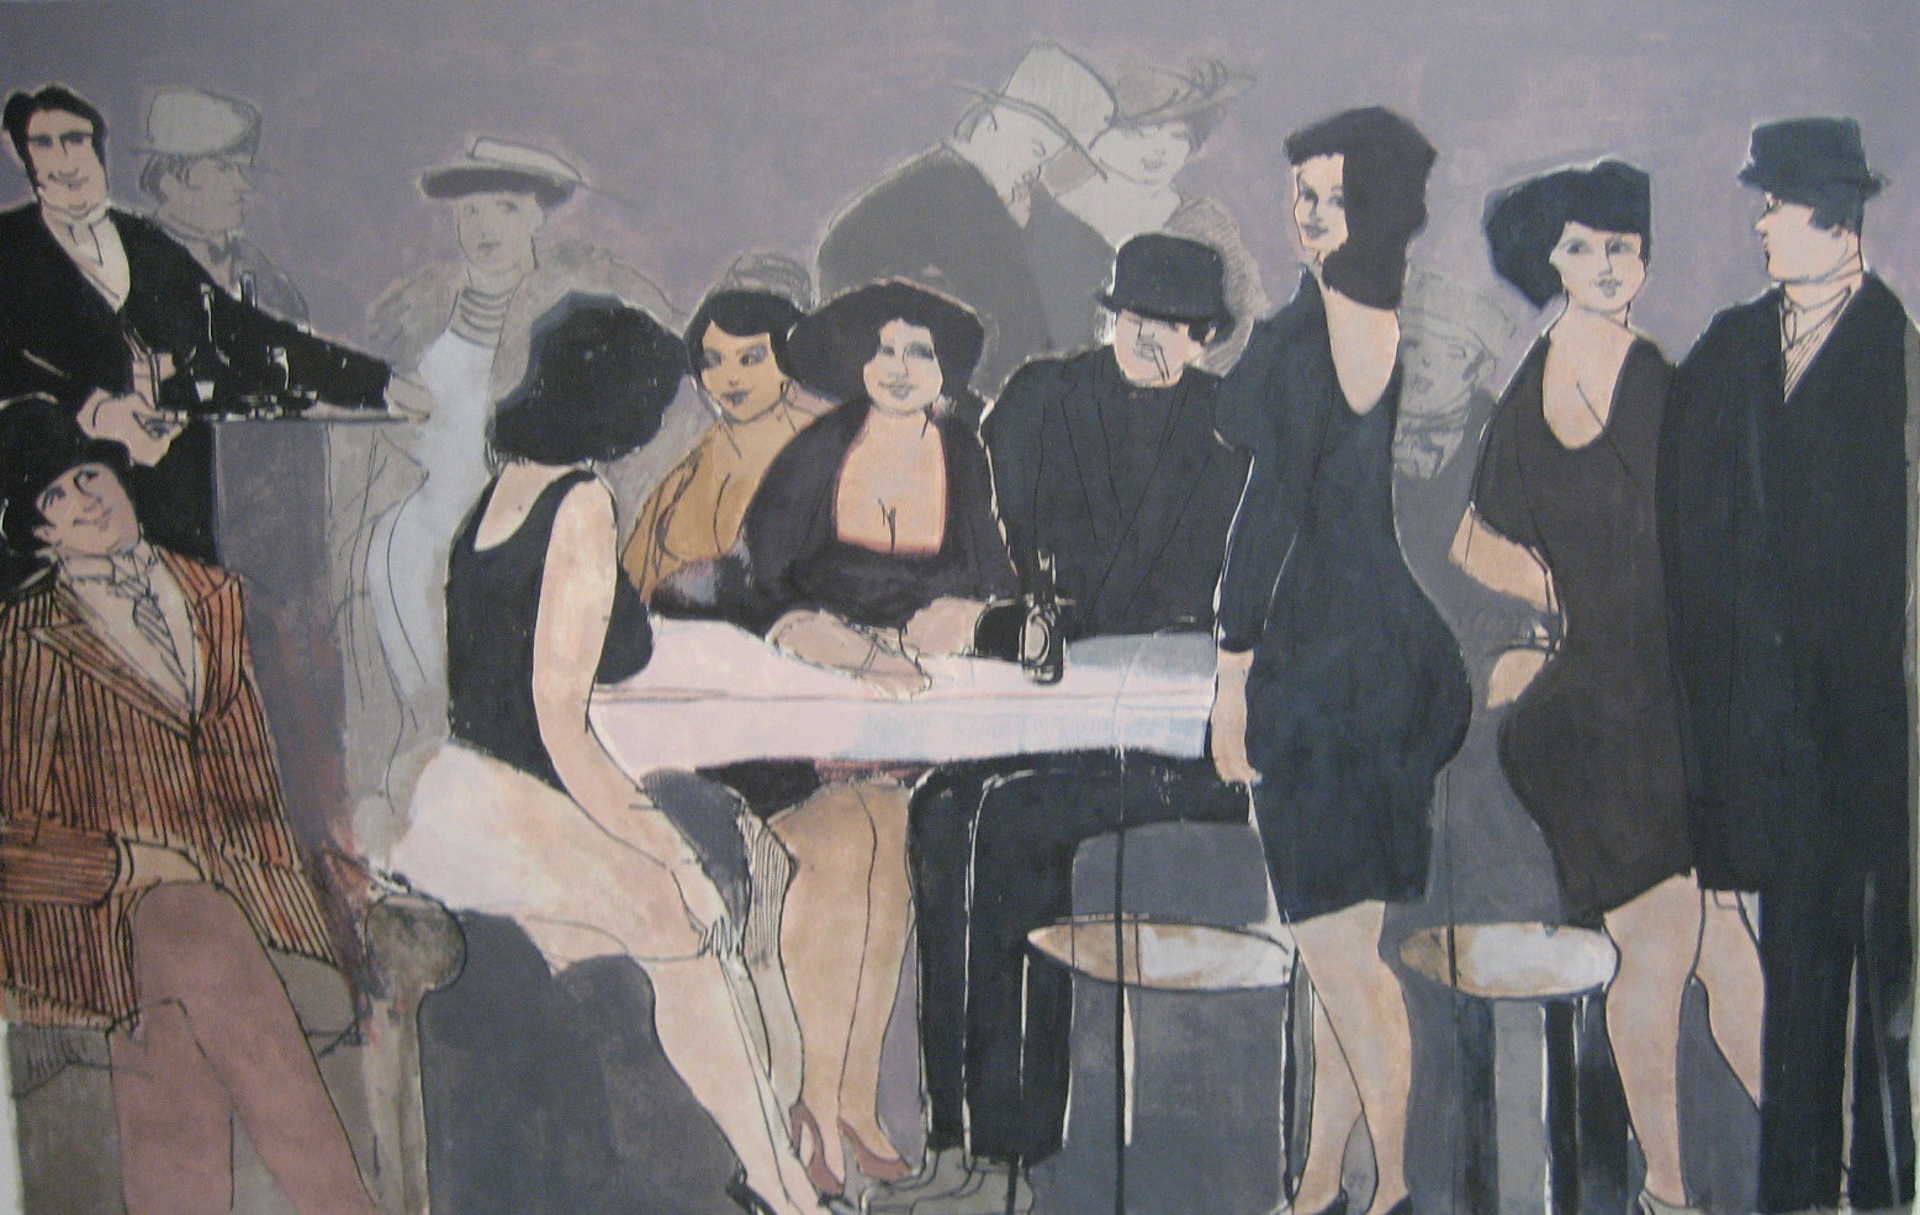 S178 Restaurant II by David Schneuer